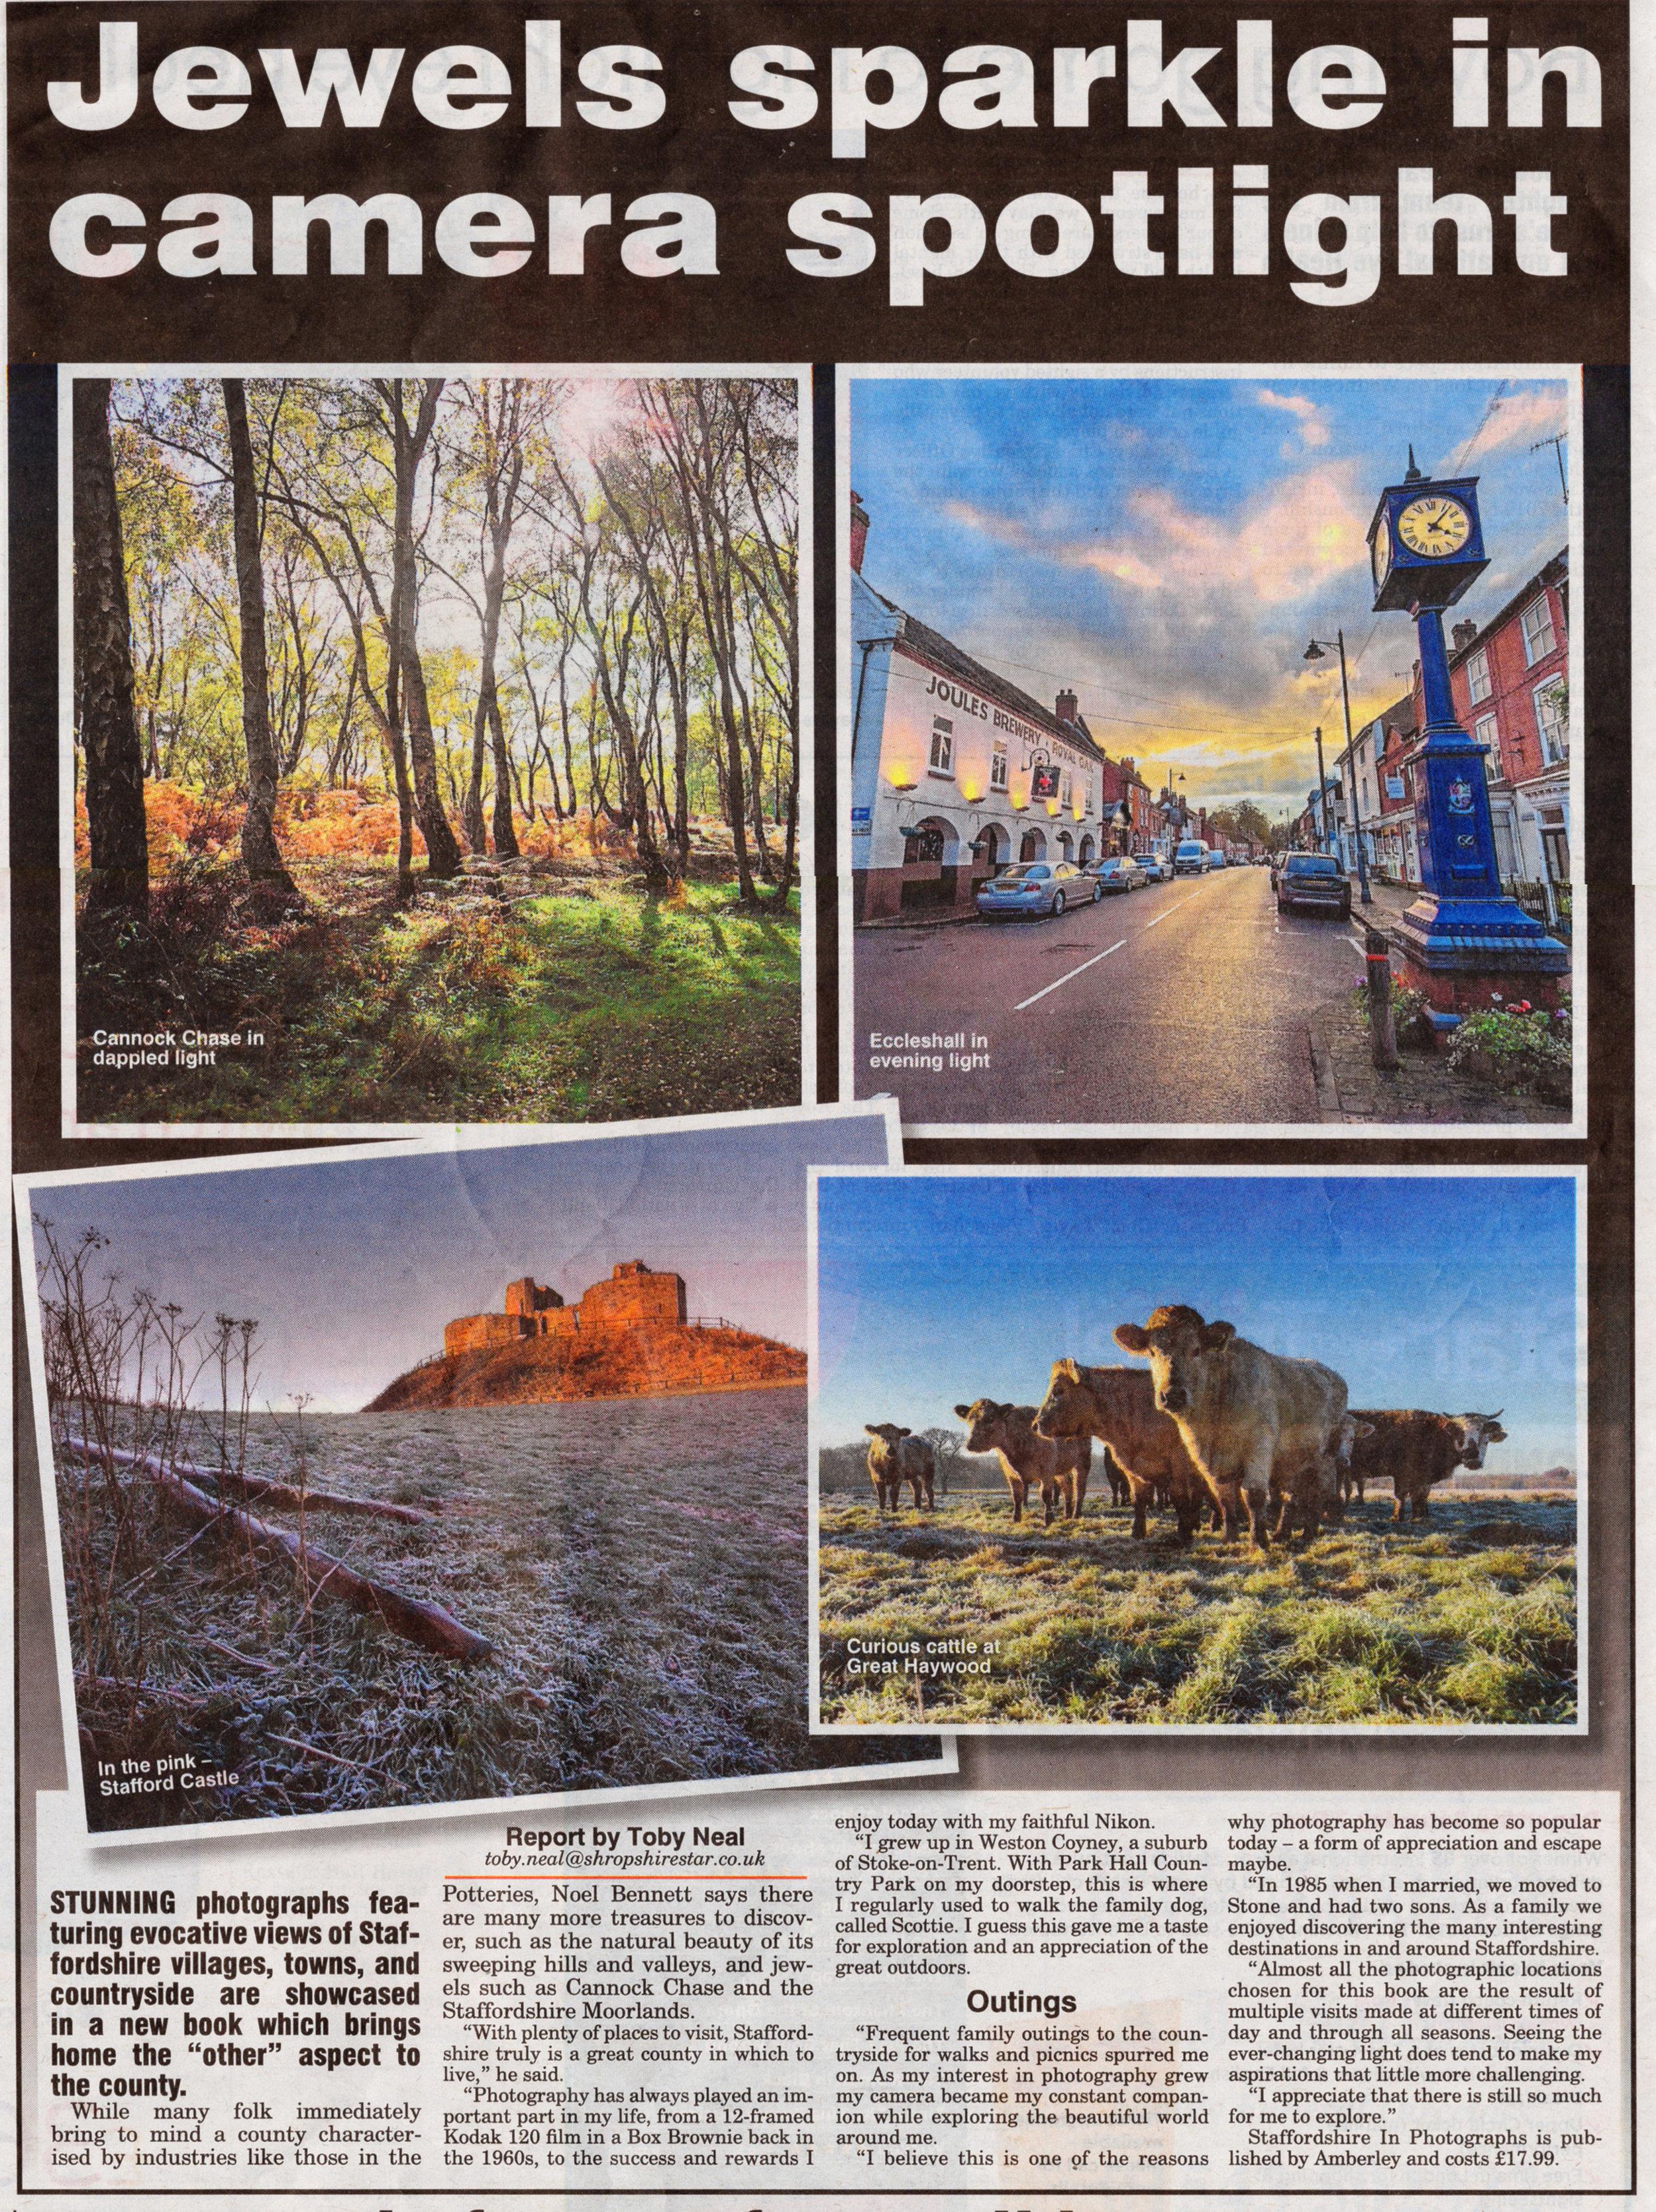 Express & Star artical cutting.jpg